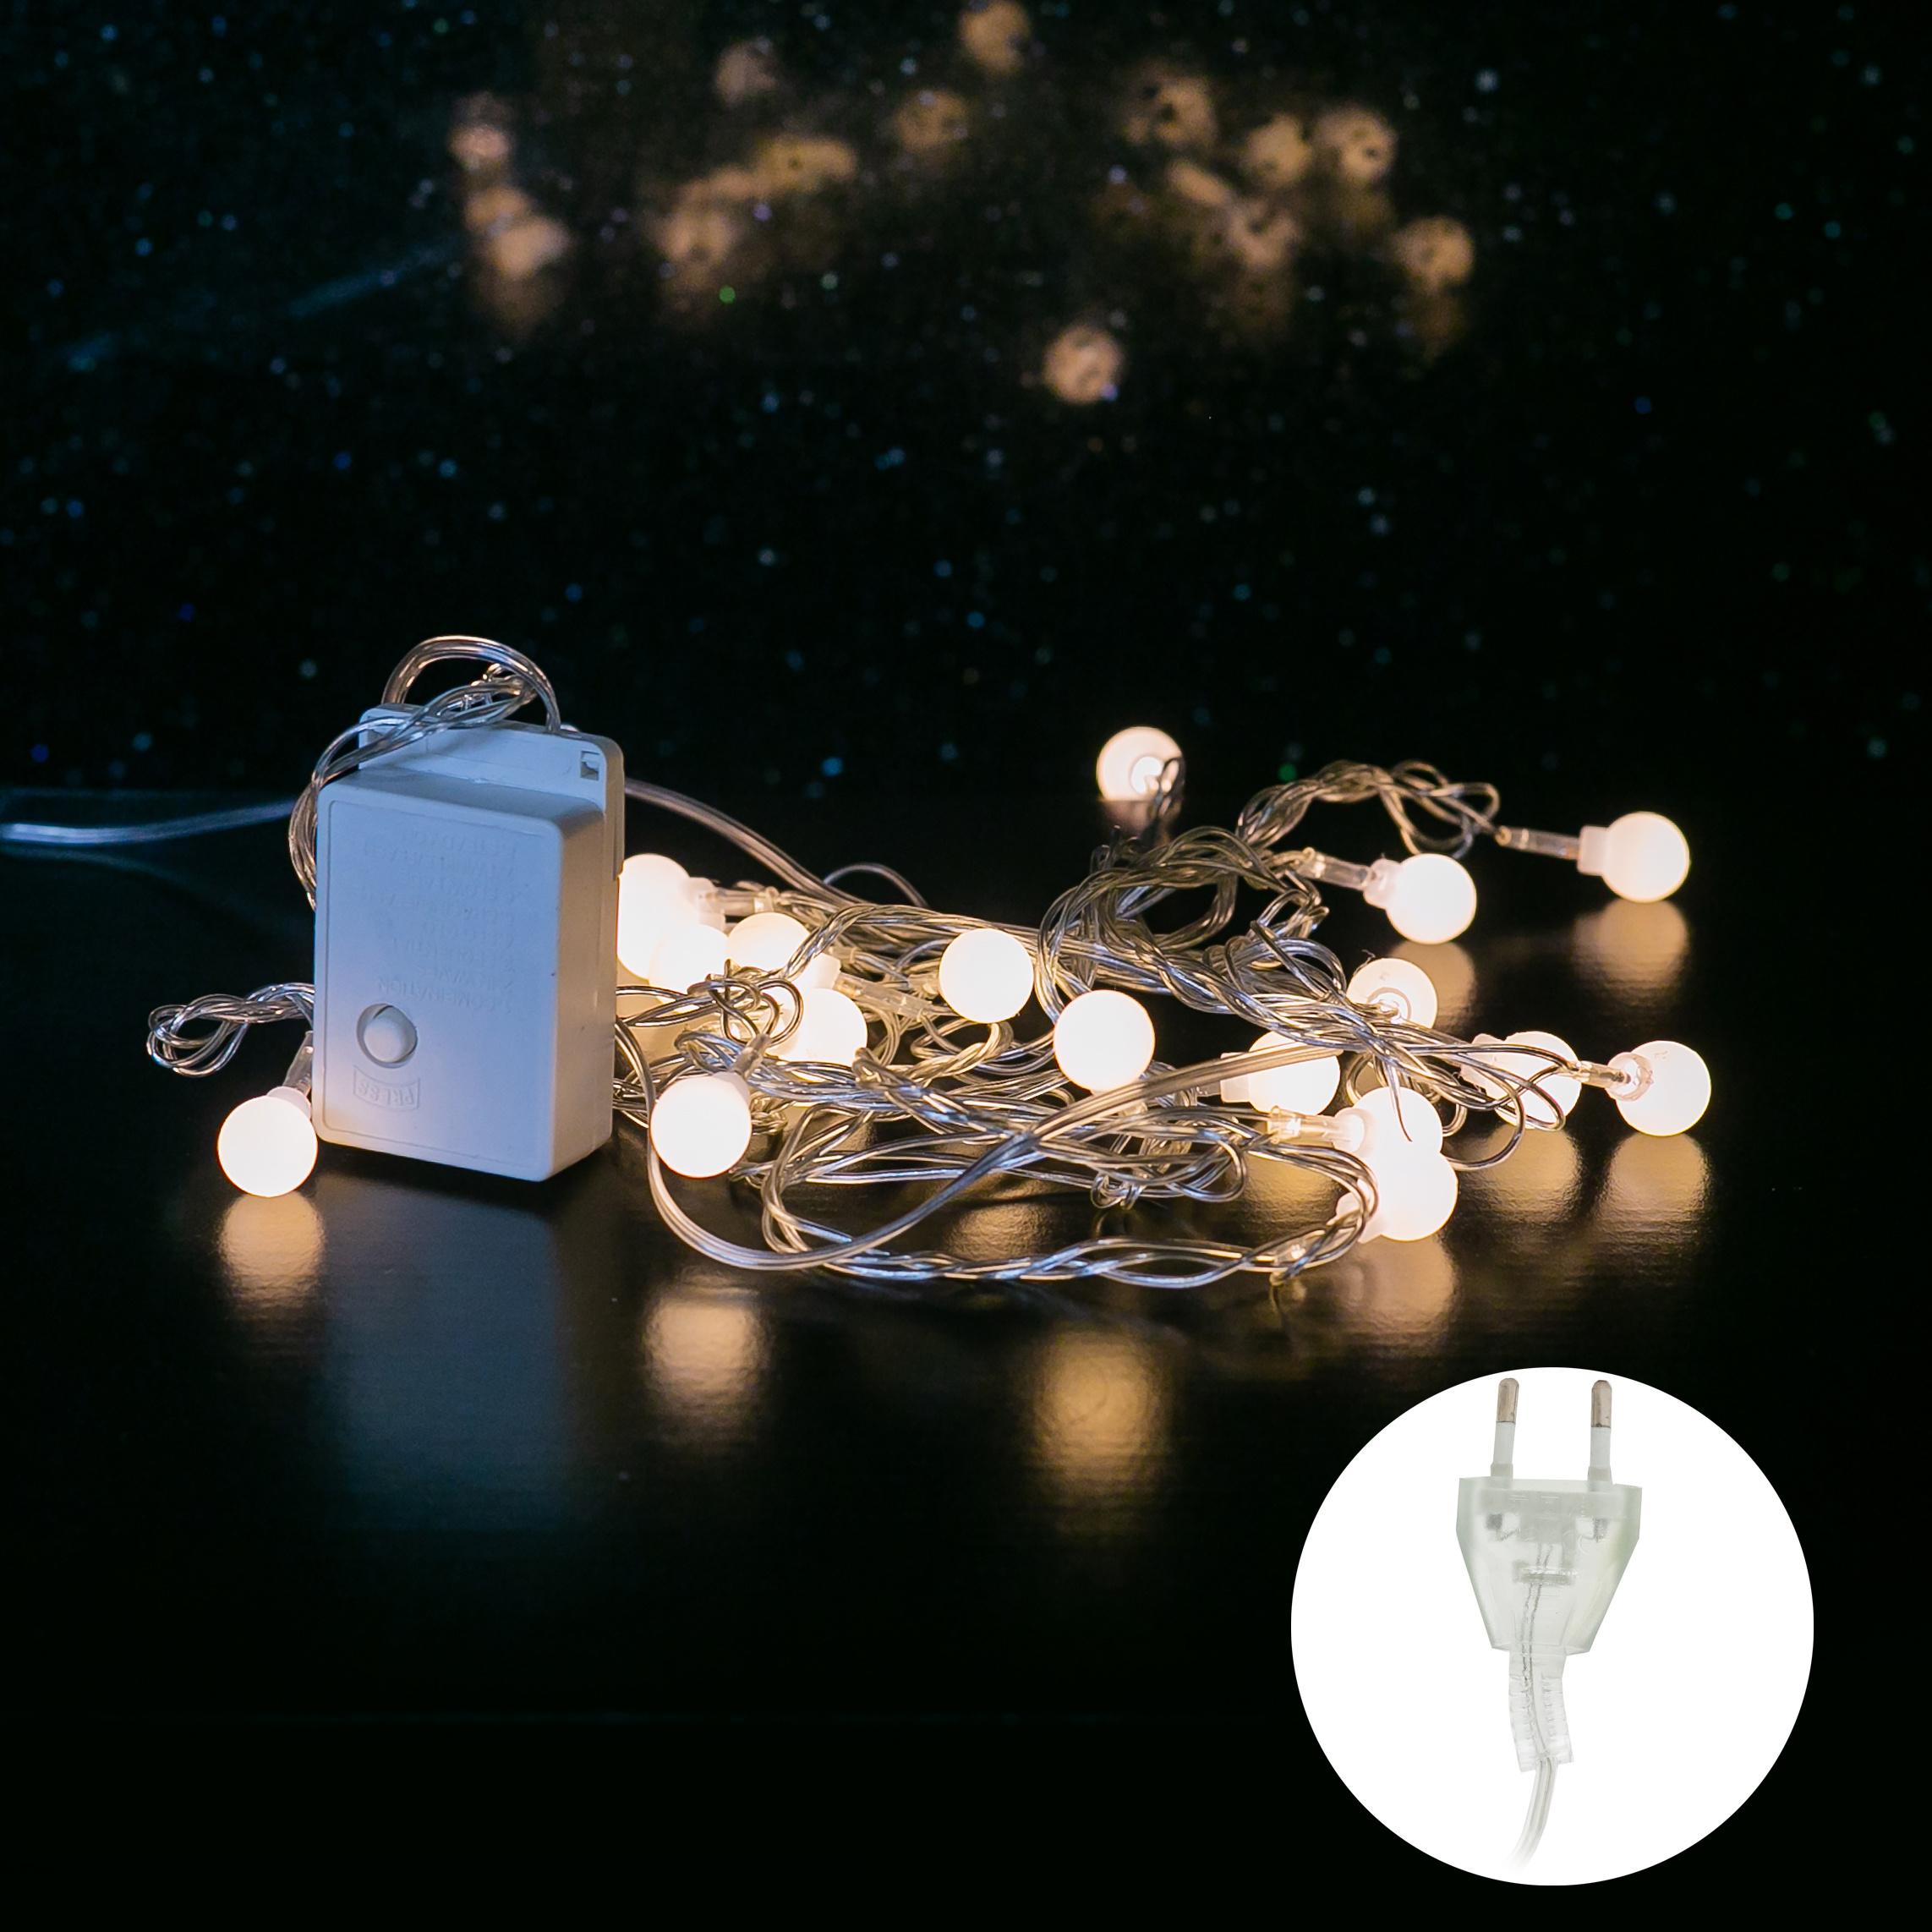 Электрогирлянда Старт 20 ламп, 3 м, шарики, 14818 фото